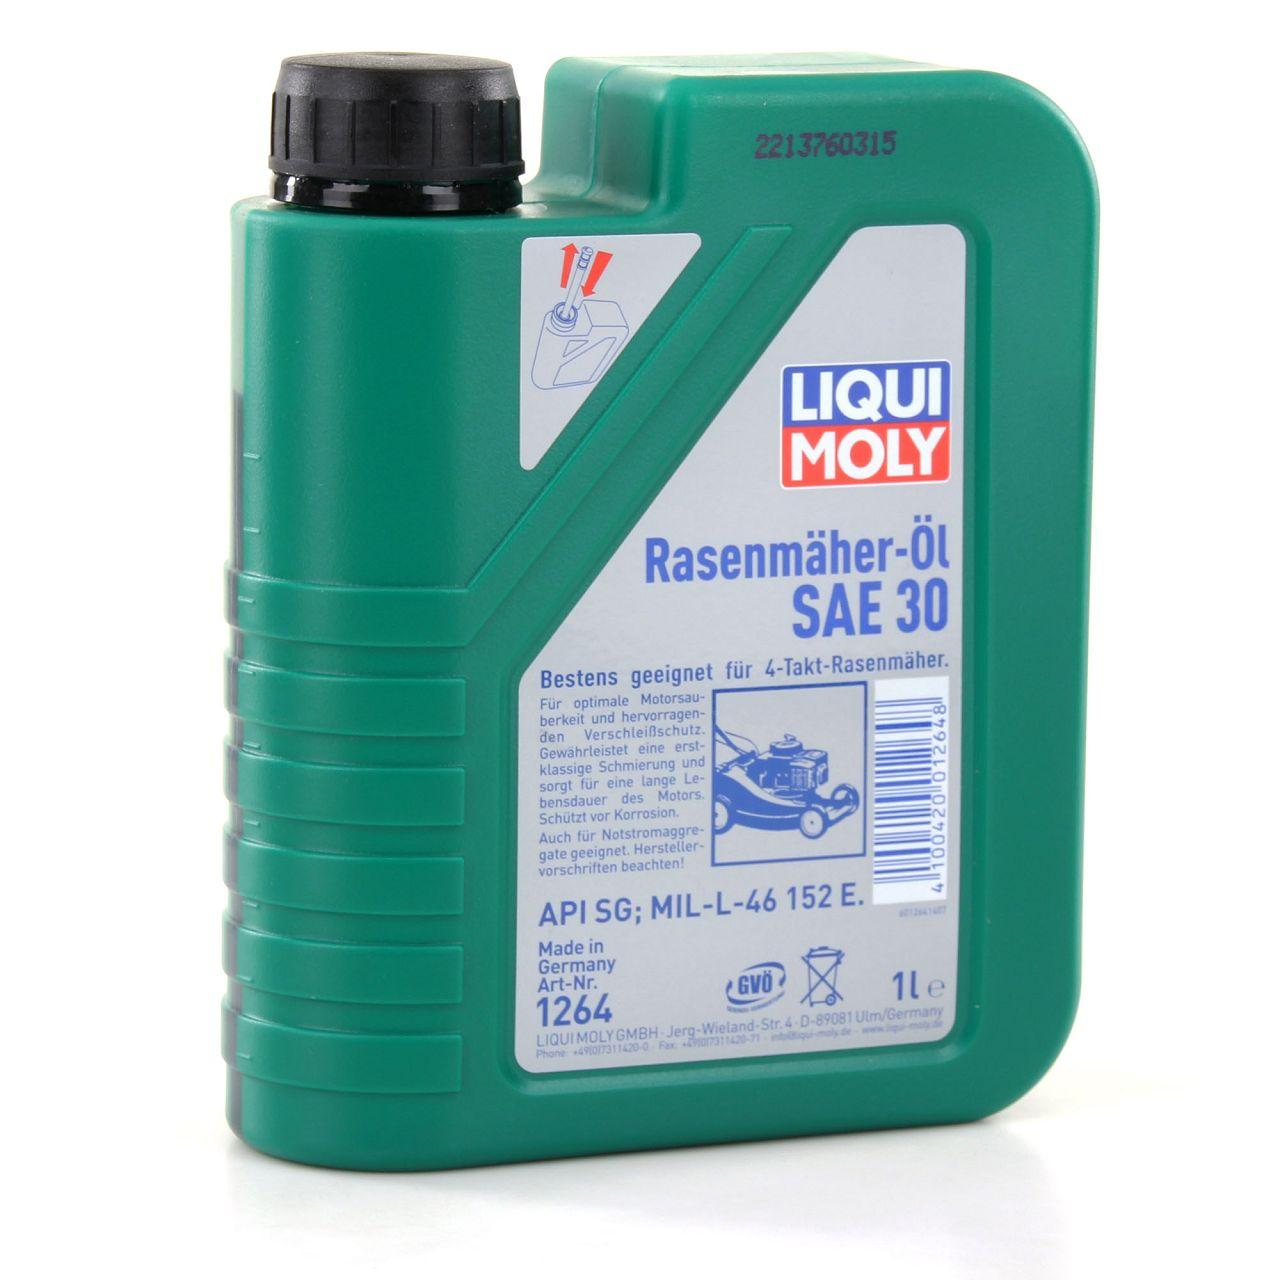 LIQUI MOLY Motoröl Öl 4-Takt Rasenmäher-Öl SAE30 3L 3 Liter 1264